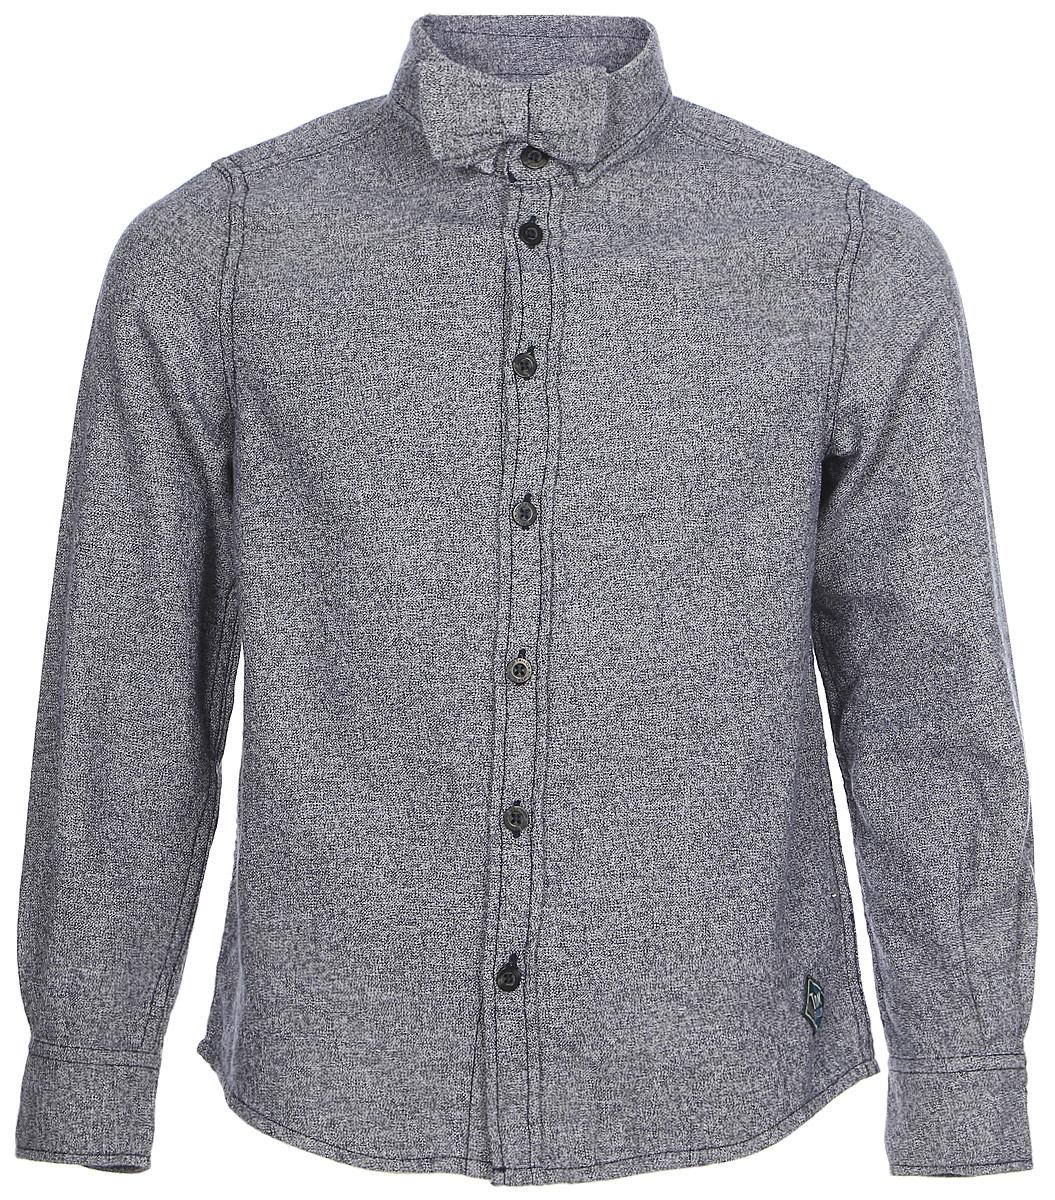 Рубашка для мальчика Tom Tailor, цвет: серый. 2033663.00.82_6800. Размер 116/1222033663.00.82_6800Рубашка для мальчика от Tom Tailor выполнена из натурального хлопка. Модель с длинными рукавами и отложным воротником застегивается на пуговицы.